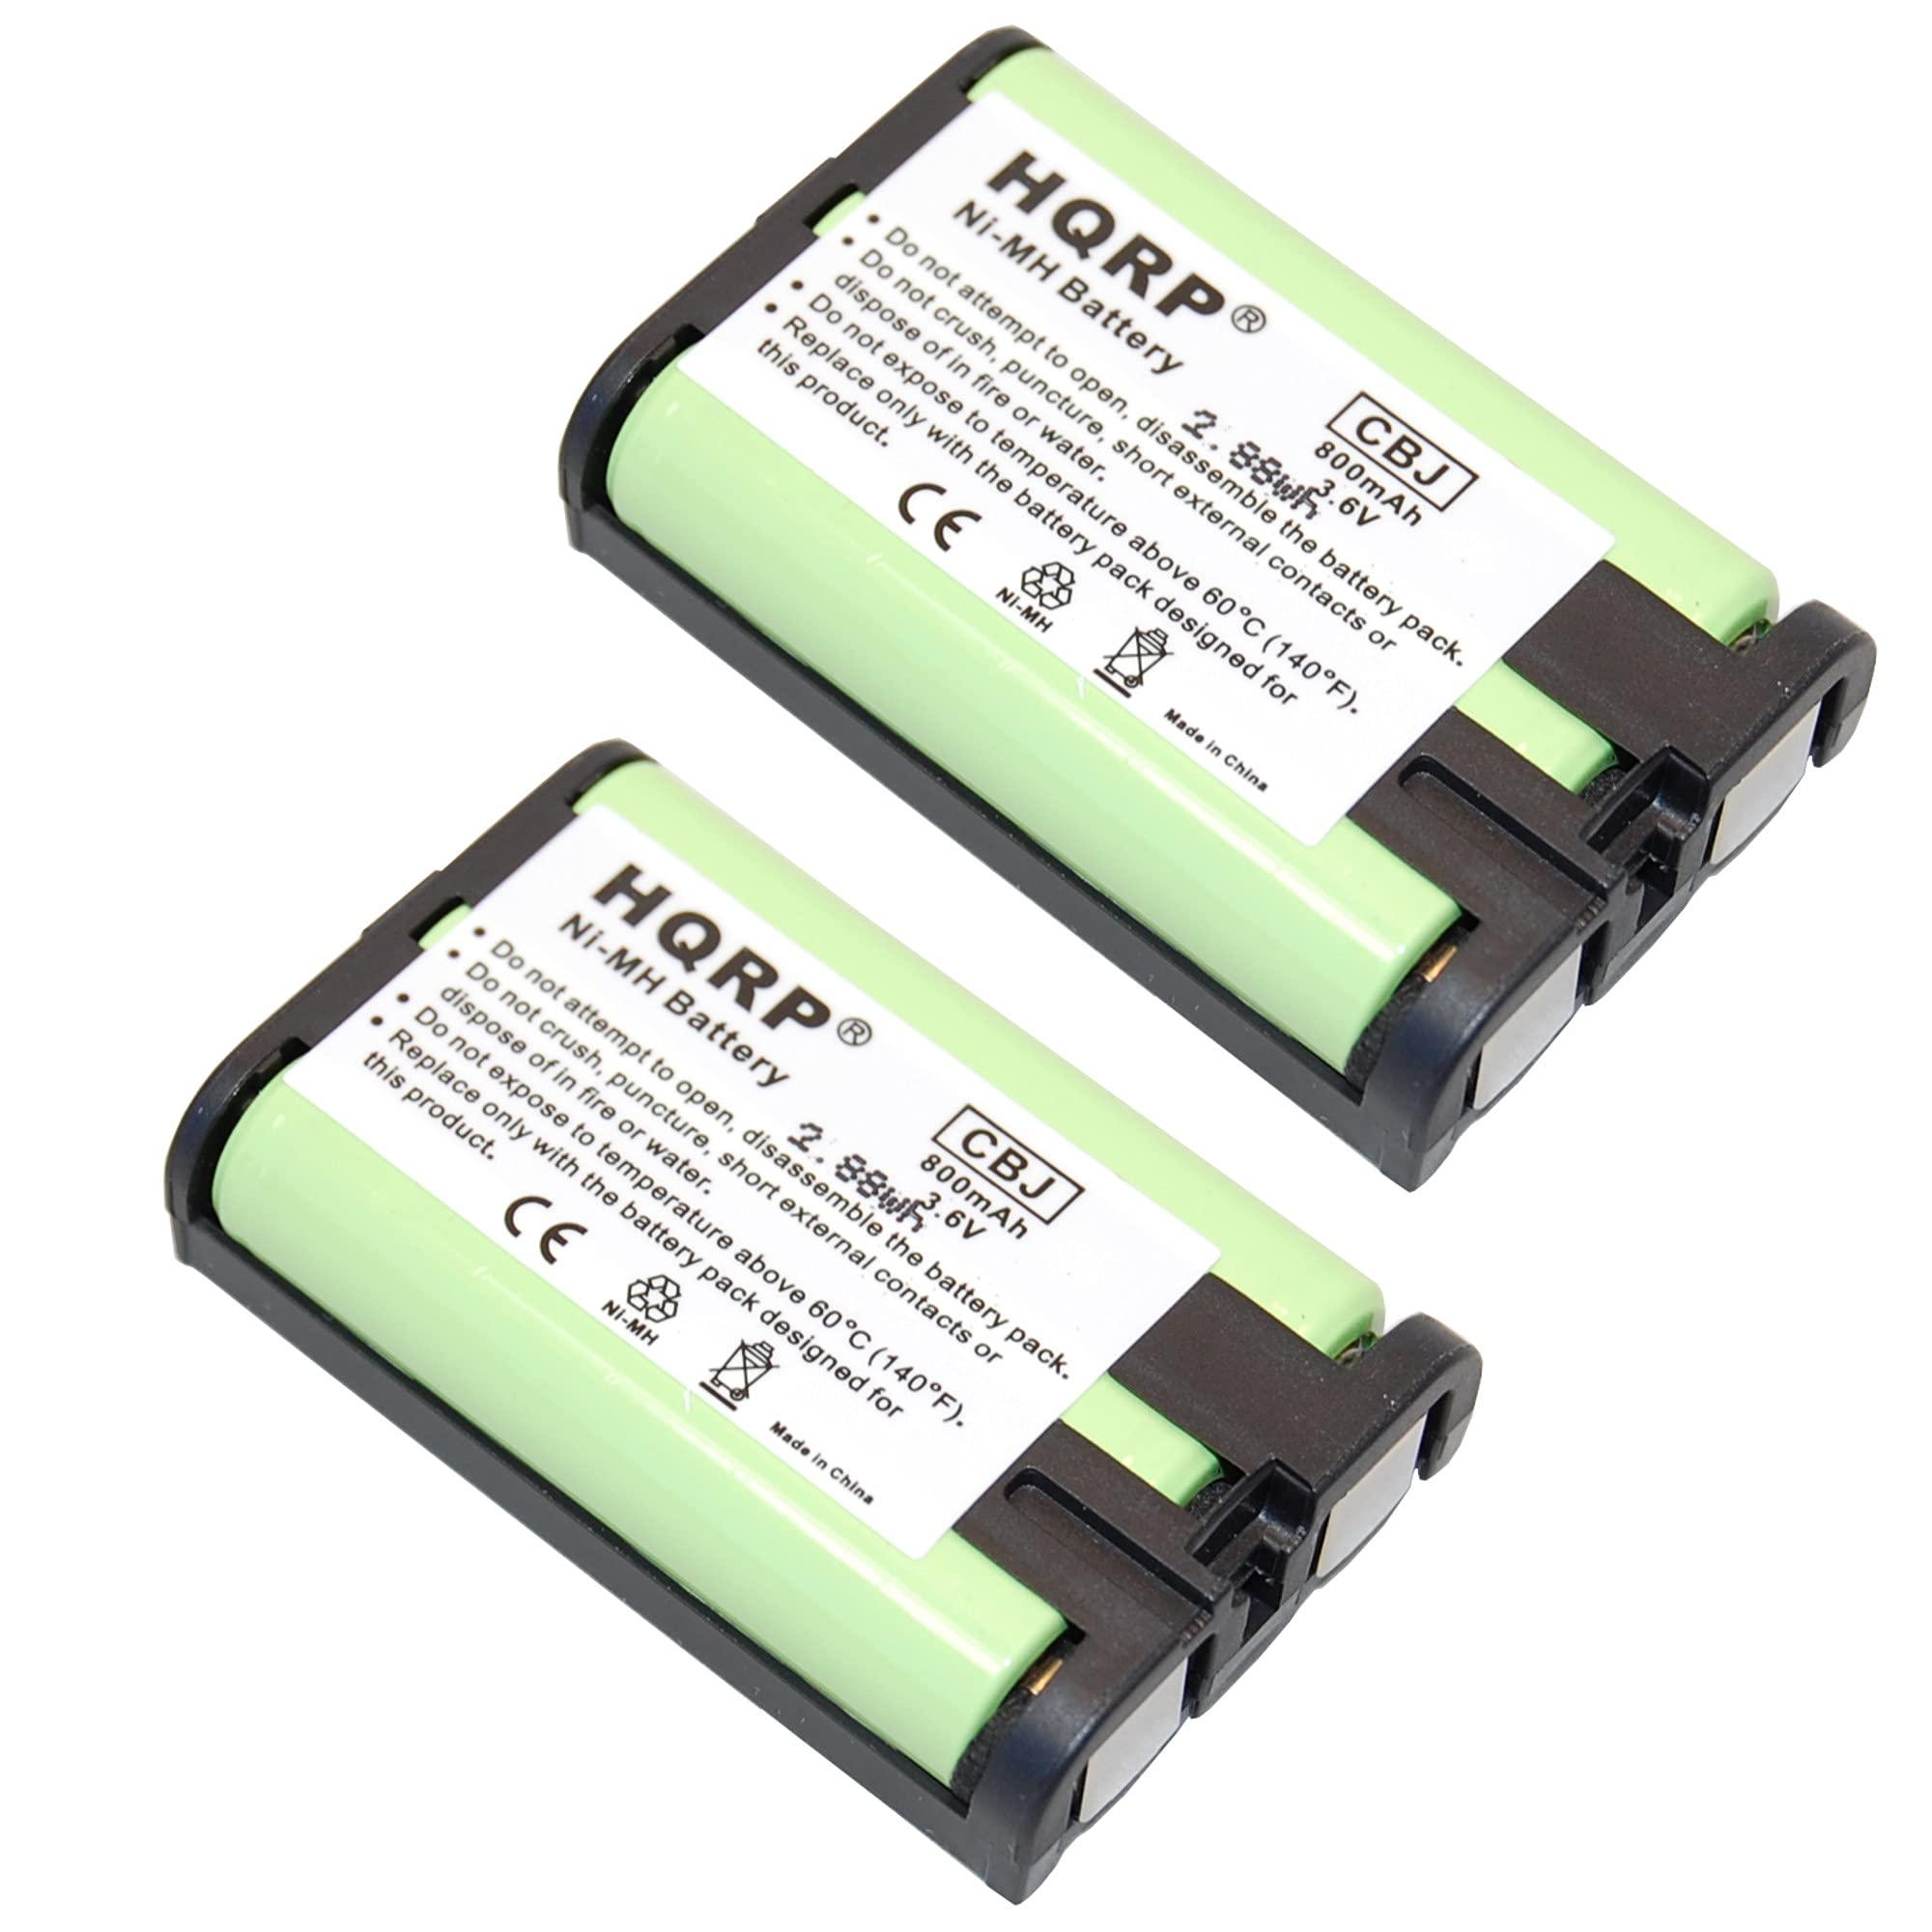 2 Bateria P/ Panasonic HHR-P107 HHR-P107A KX-TGA301 KX-TGA35